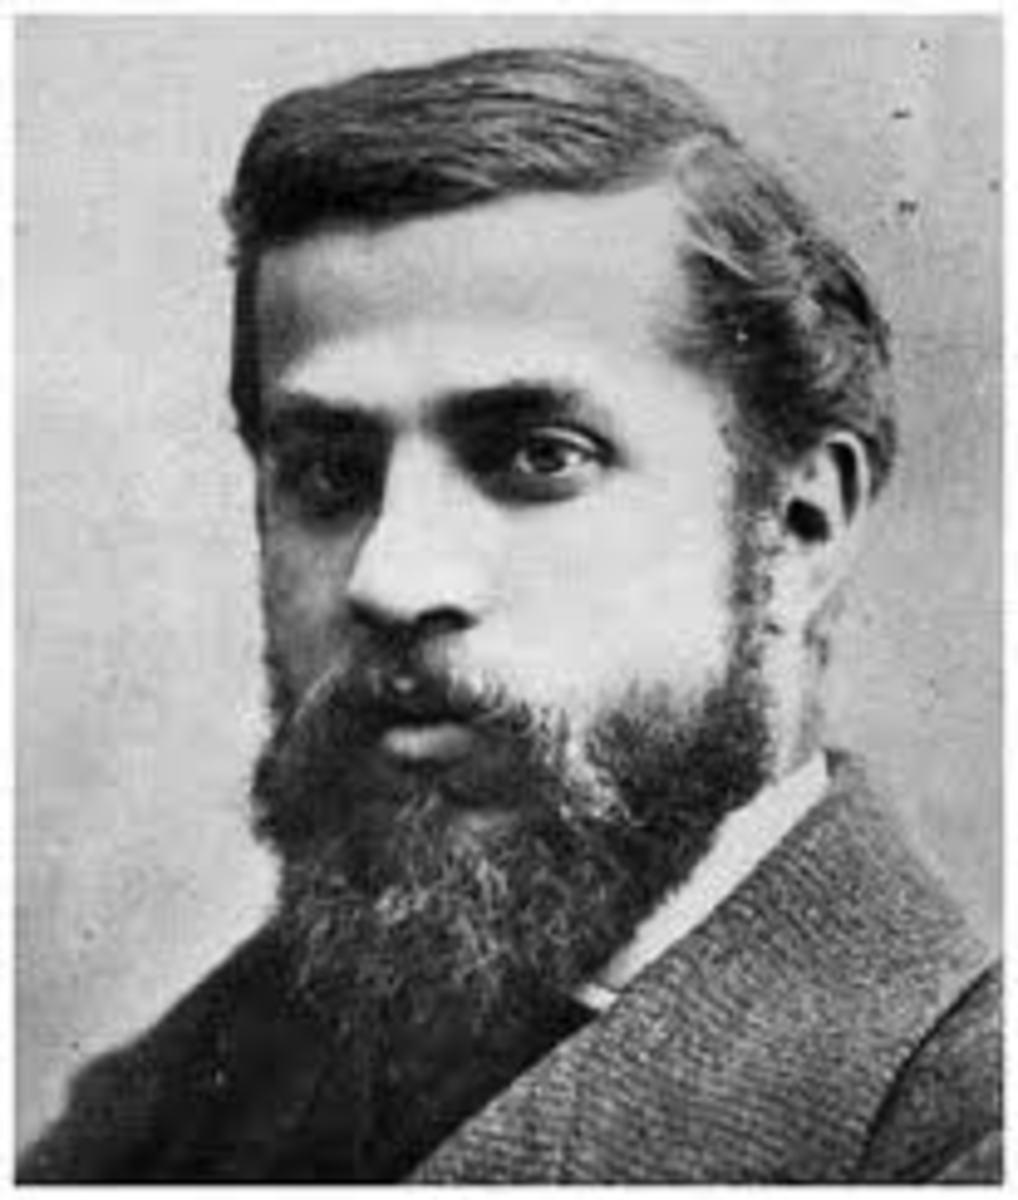 Antoni Gaudi, designer of La Sagrada Familia in Barcelona, Spain.